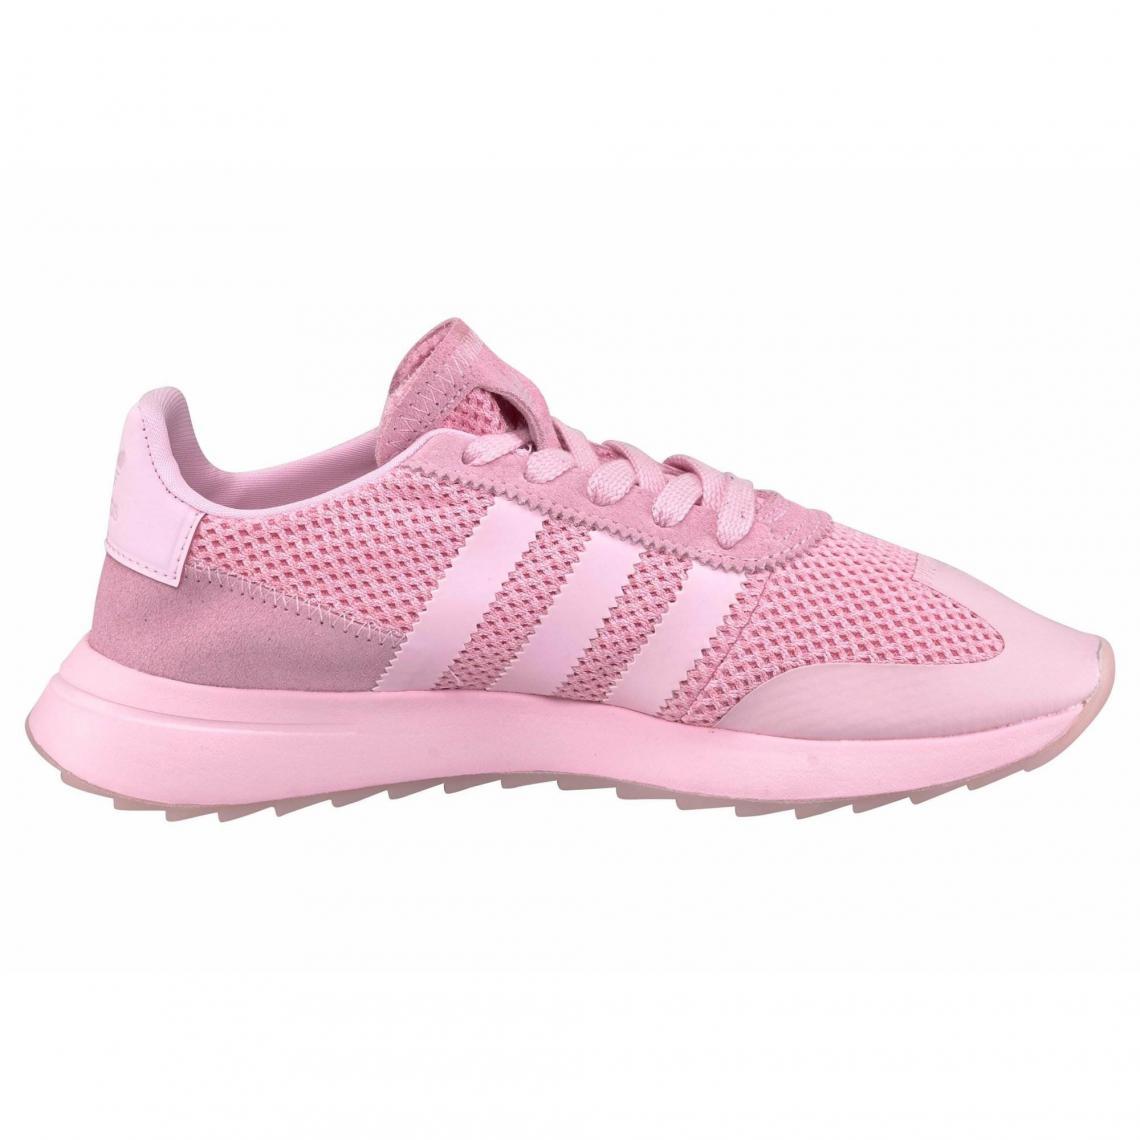 d191bec6f3 Sneakers Adidas Originals Cliquez l'image pour l'agrandir. Sneaker  Originals Flashback W femme adidas - Rose Vif Adidas Originals